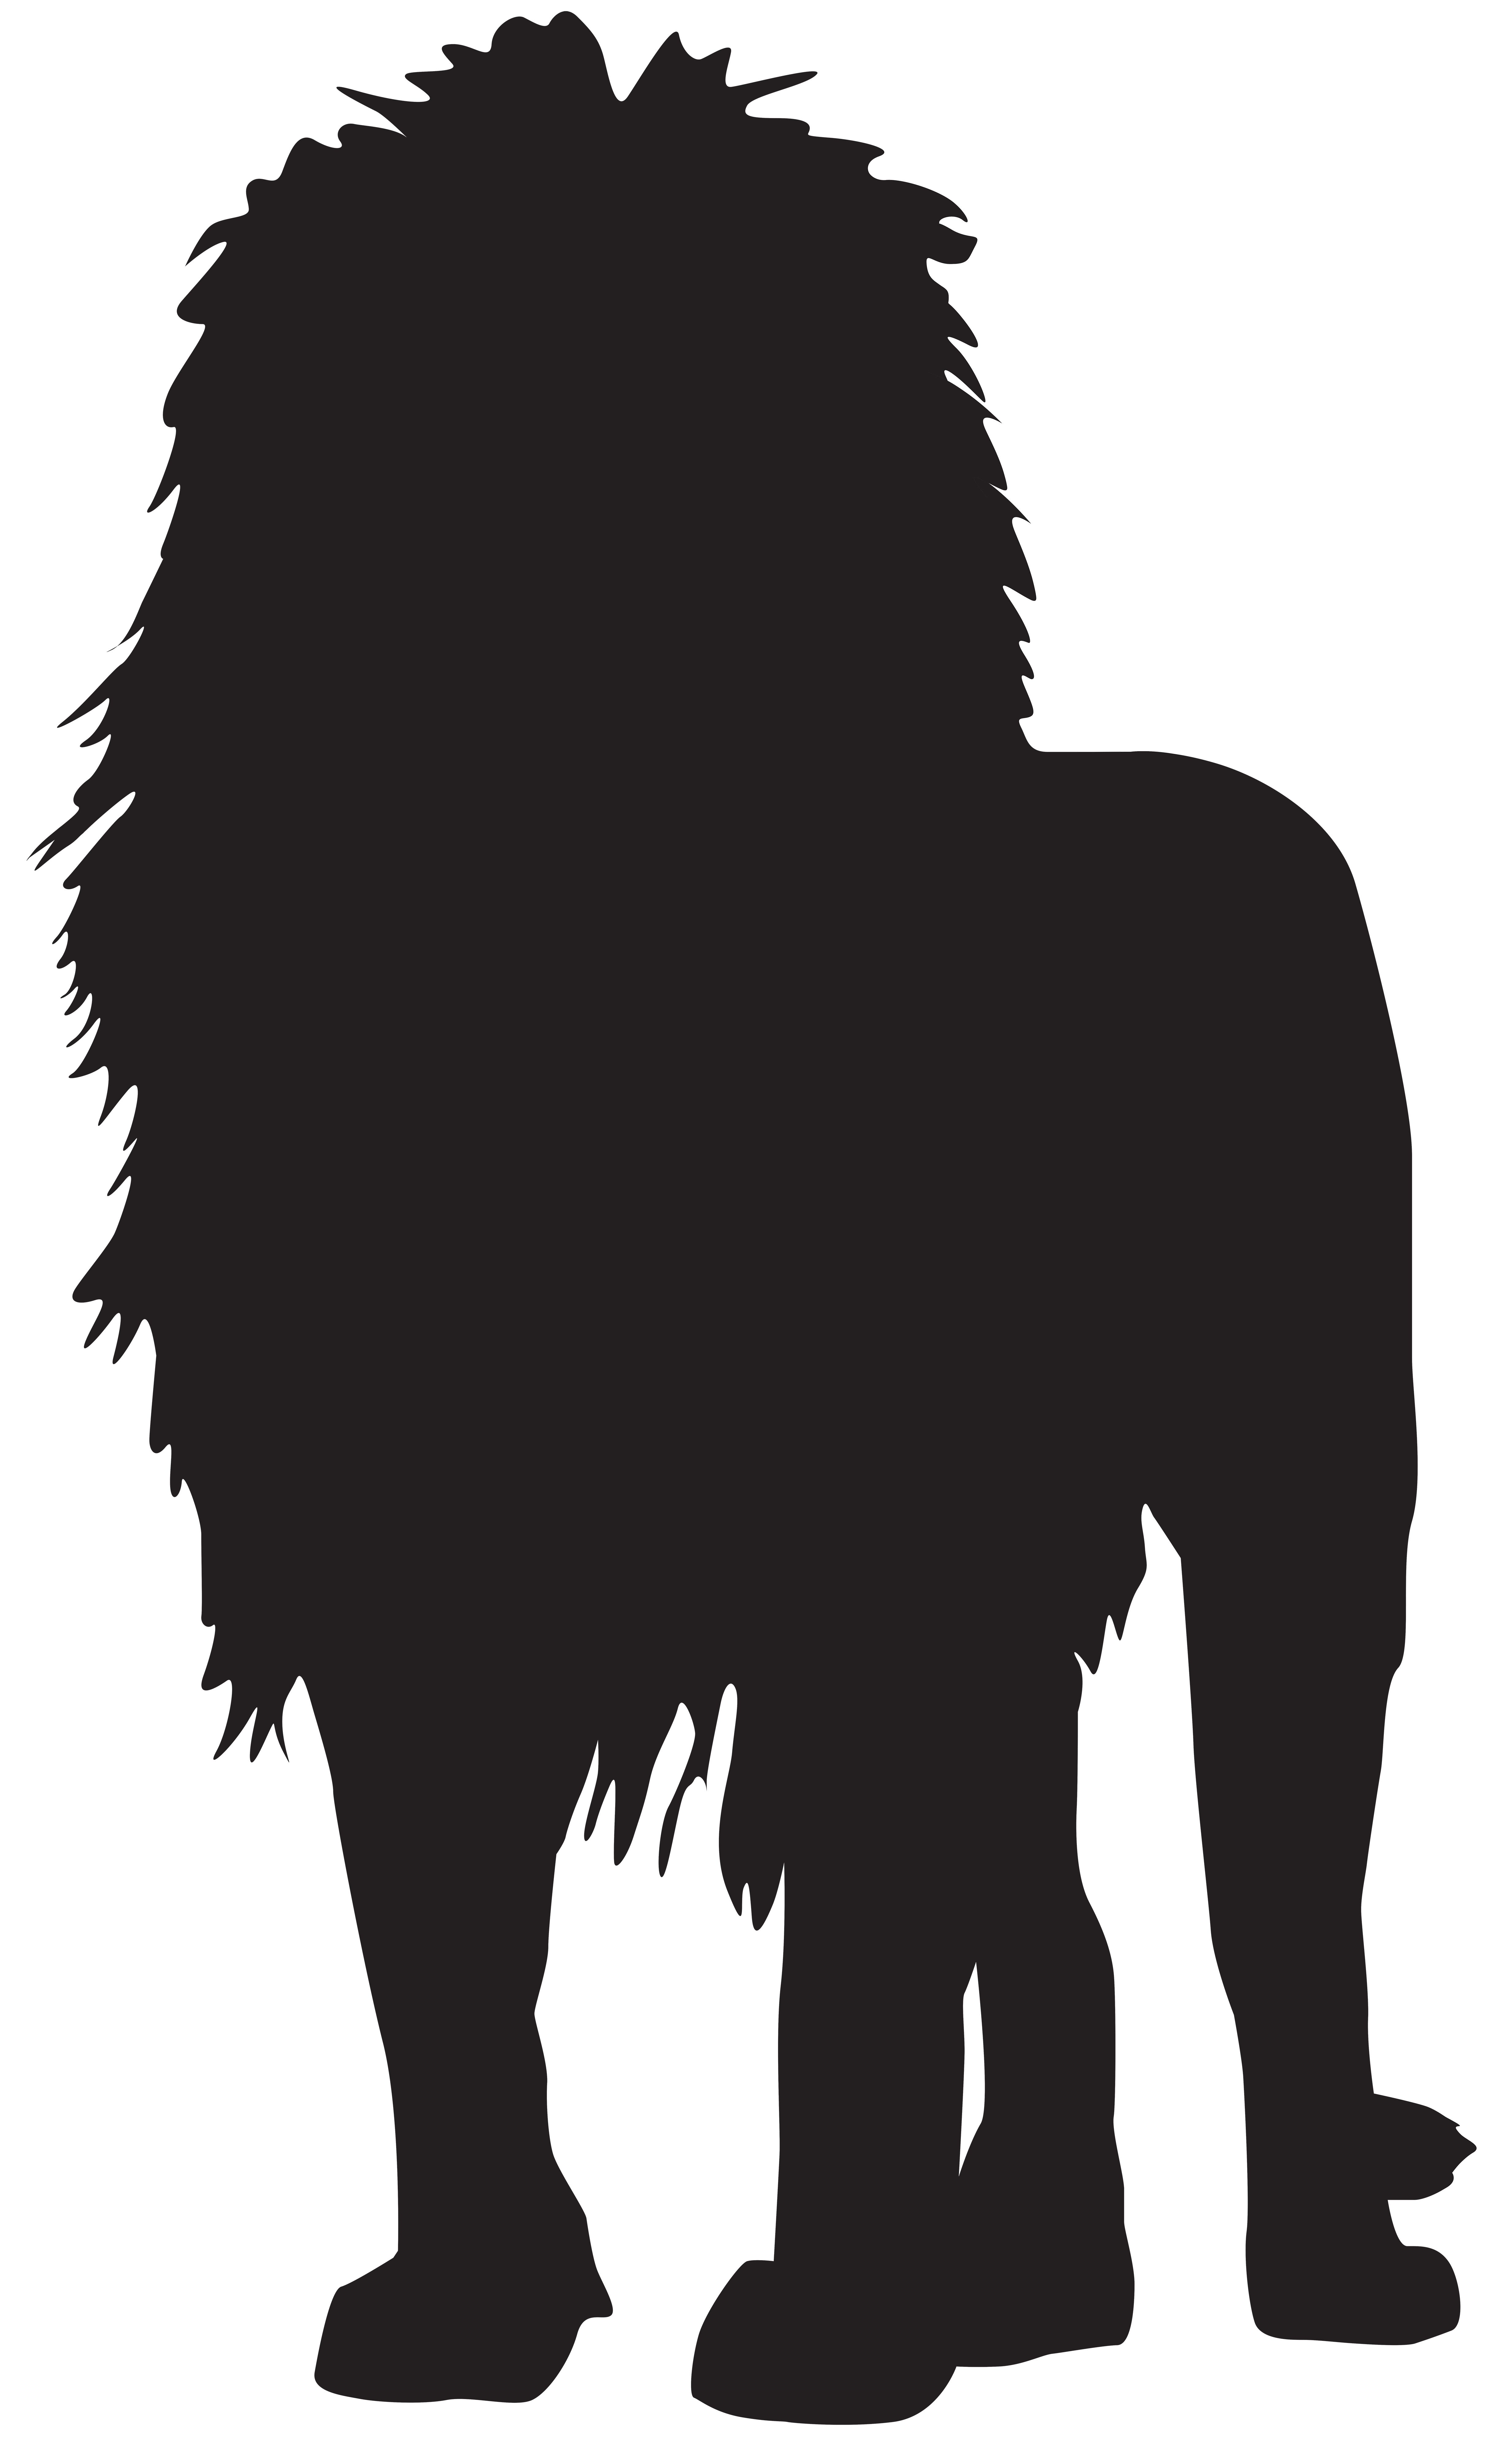 Lion Silhouette PNG Transparent Clip Art Image.